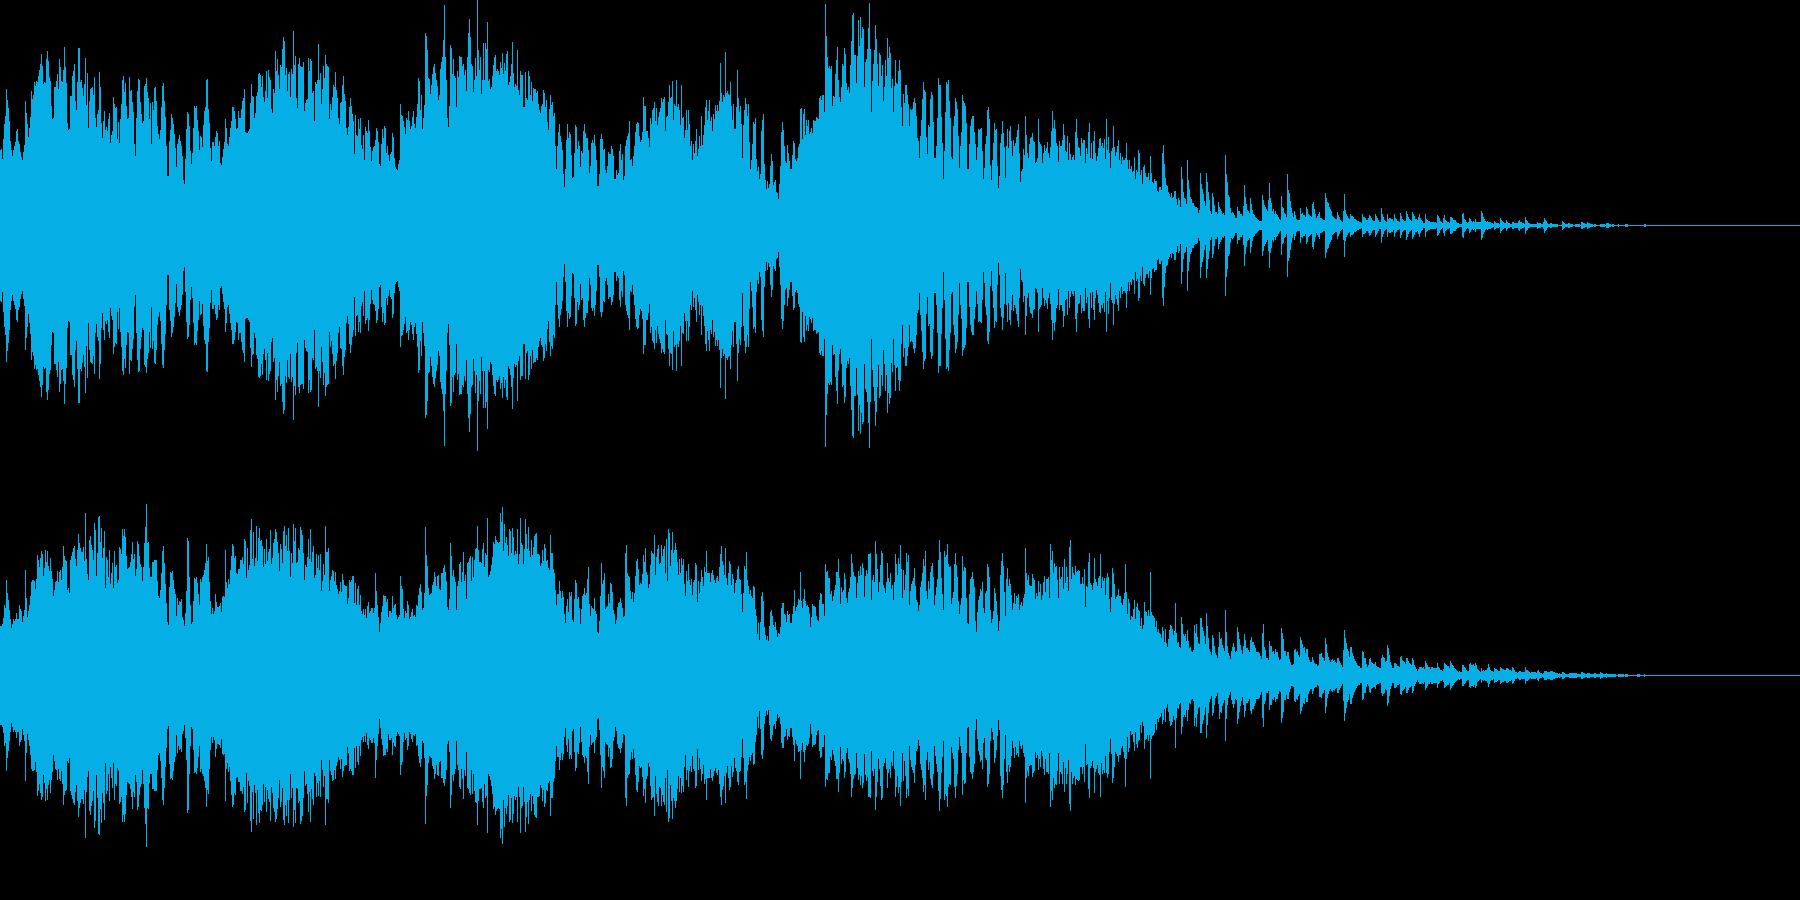 穏やかな空気が流れるミニマルアンビエントの再生済みの波形